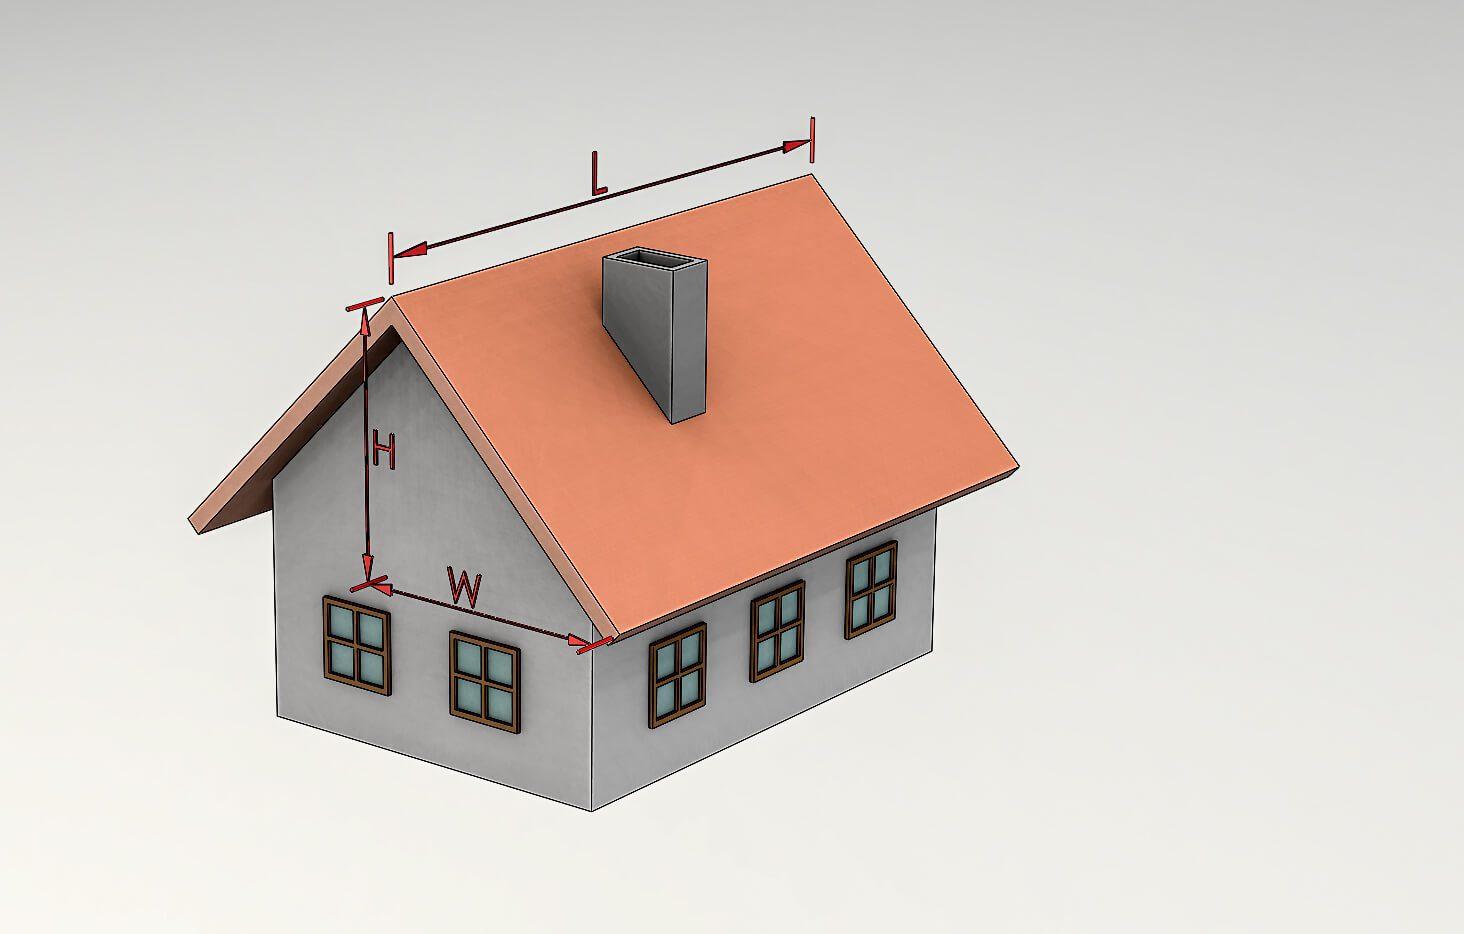 EPD - Efektywna Powierzchnia Dachu